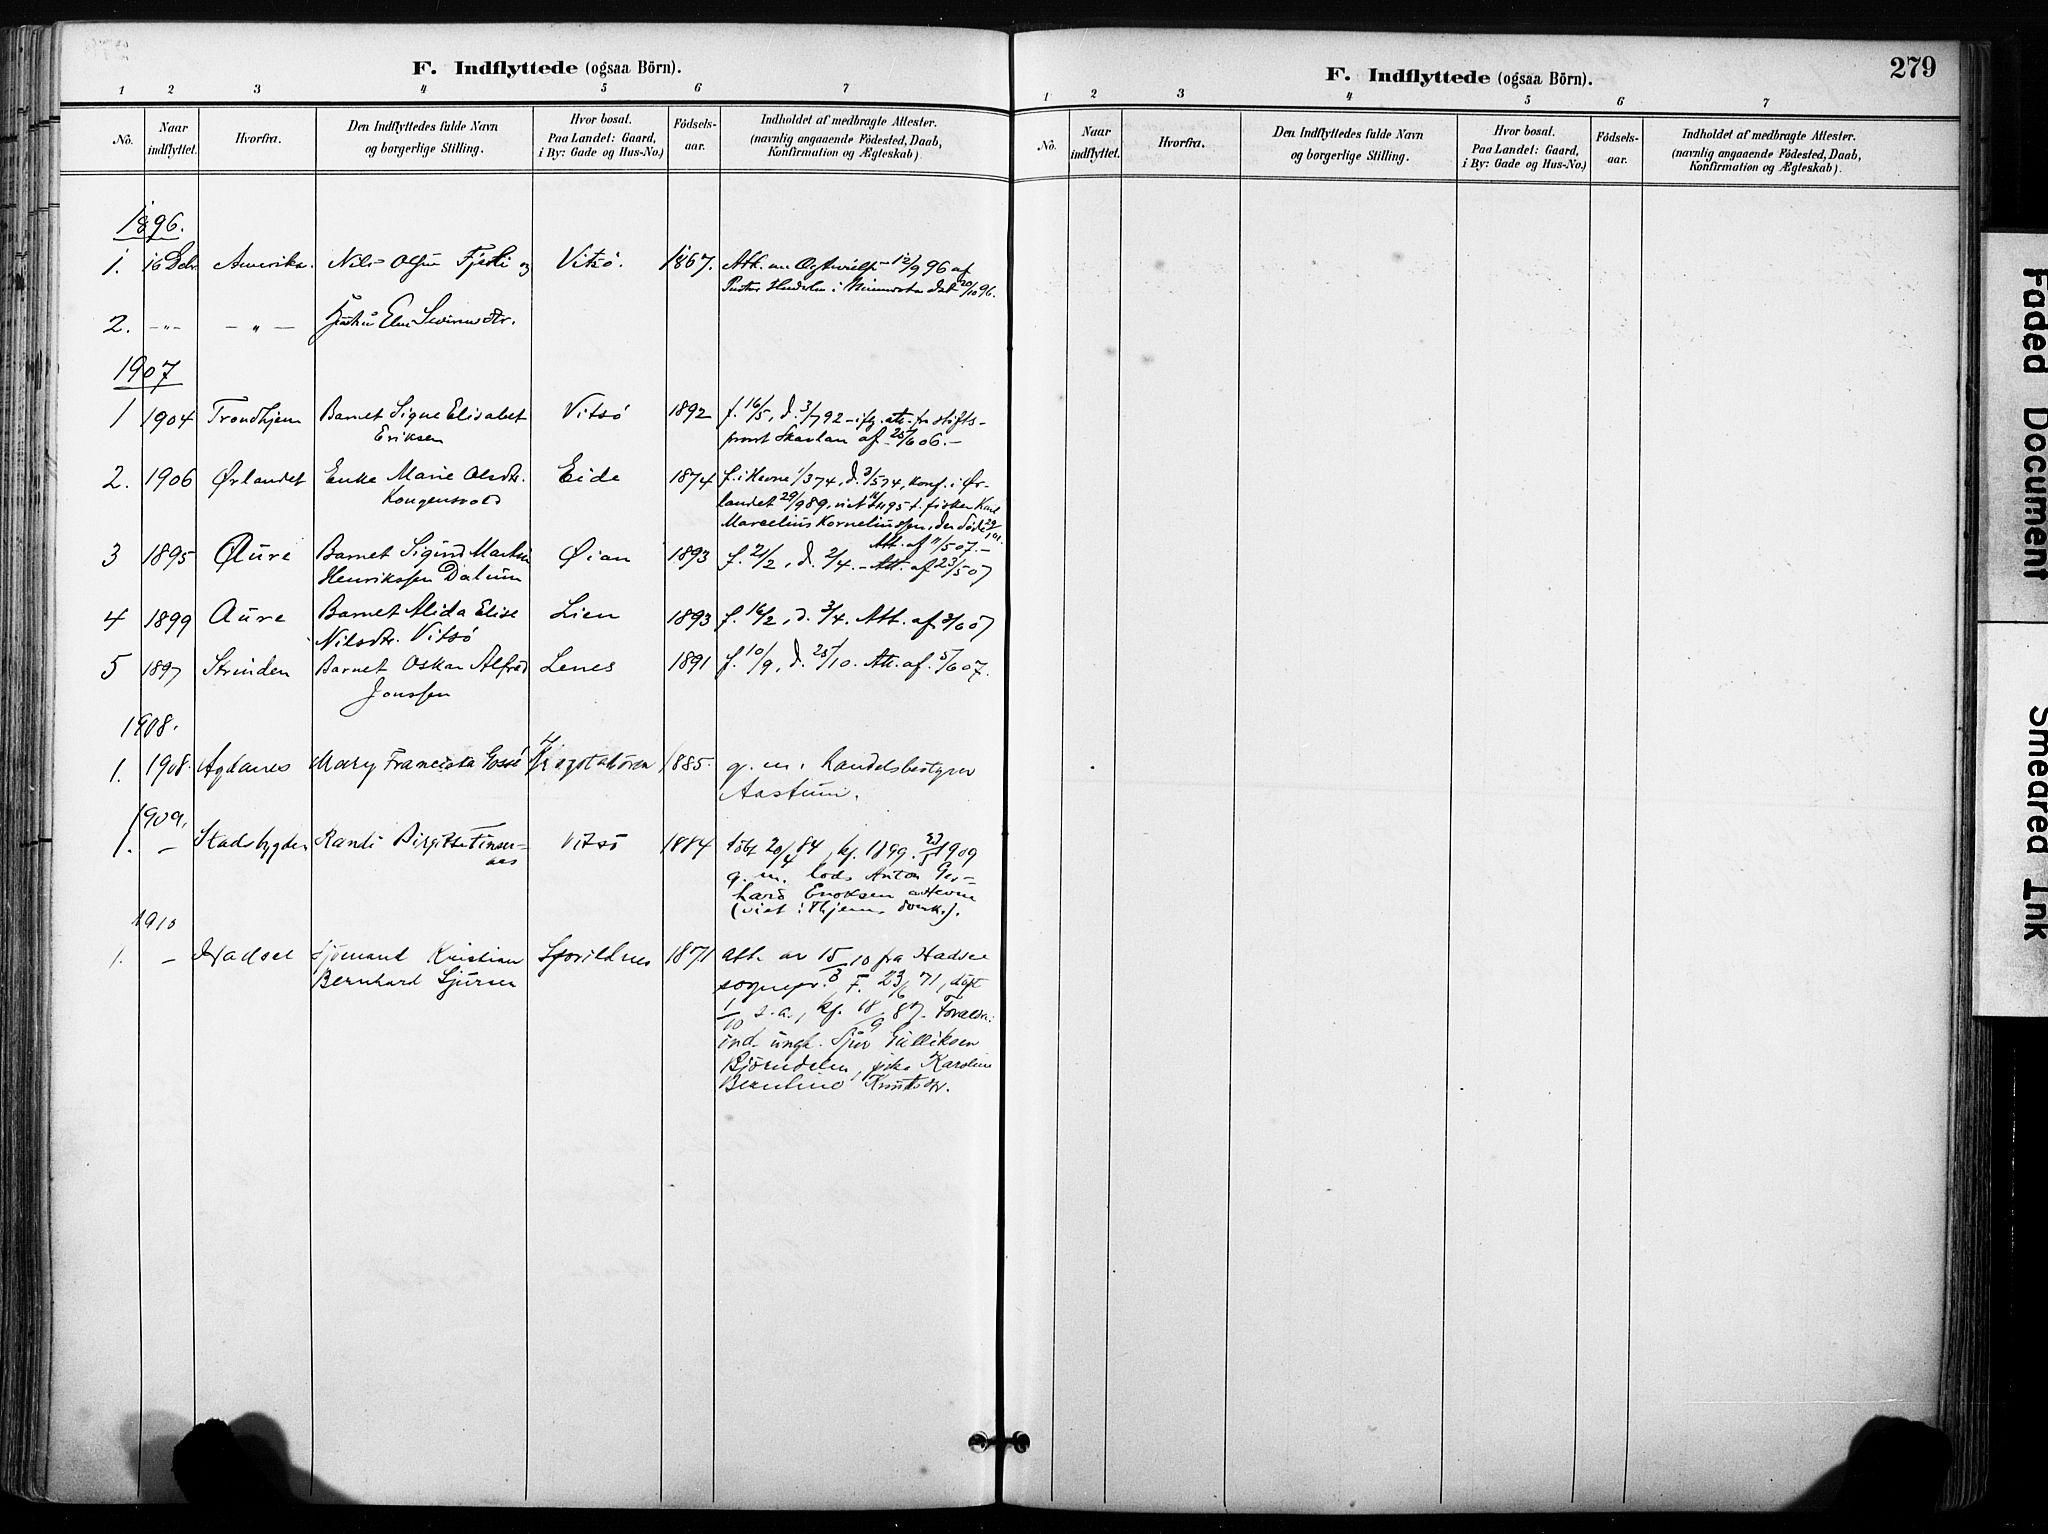 SAT, Ministerialprotokoller, klokkerbøker og fødselsregistre - Sør-Trøndelag, 630/L0497: Ministerialbok nr. 630A10, 1896-1910, s. 279